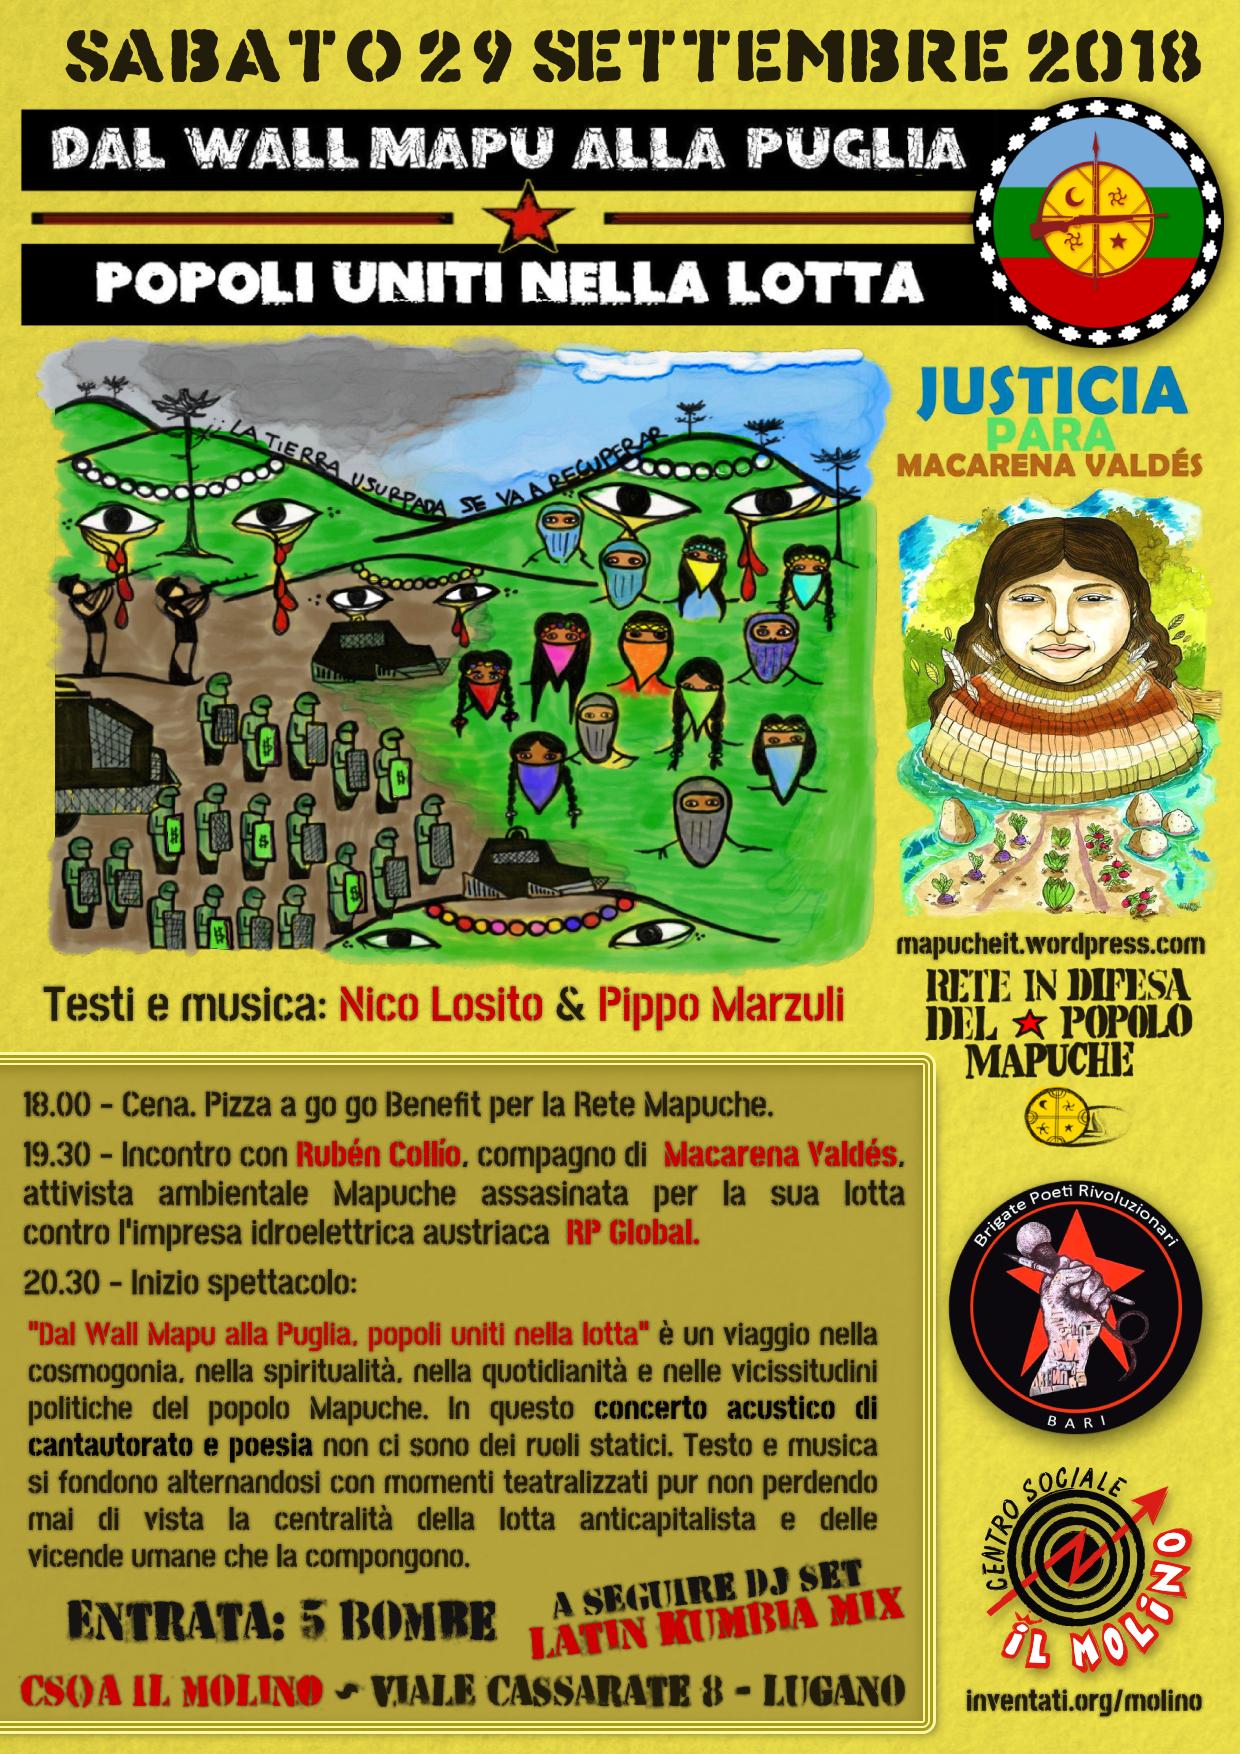 29.09.2018 - Dal Wallmapu alla Puglia - Popoli Uniti nella Lotta